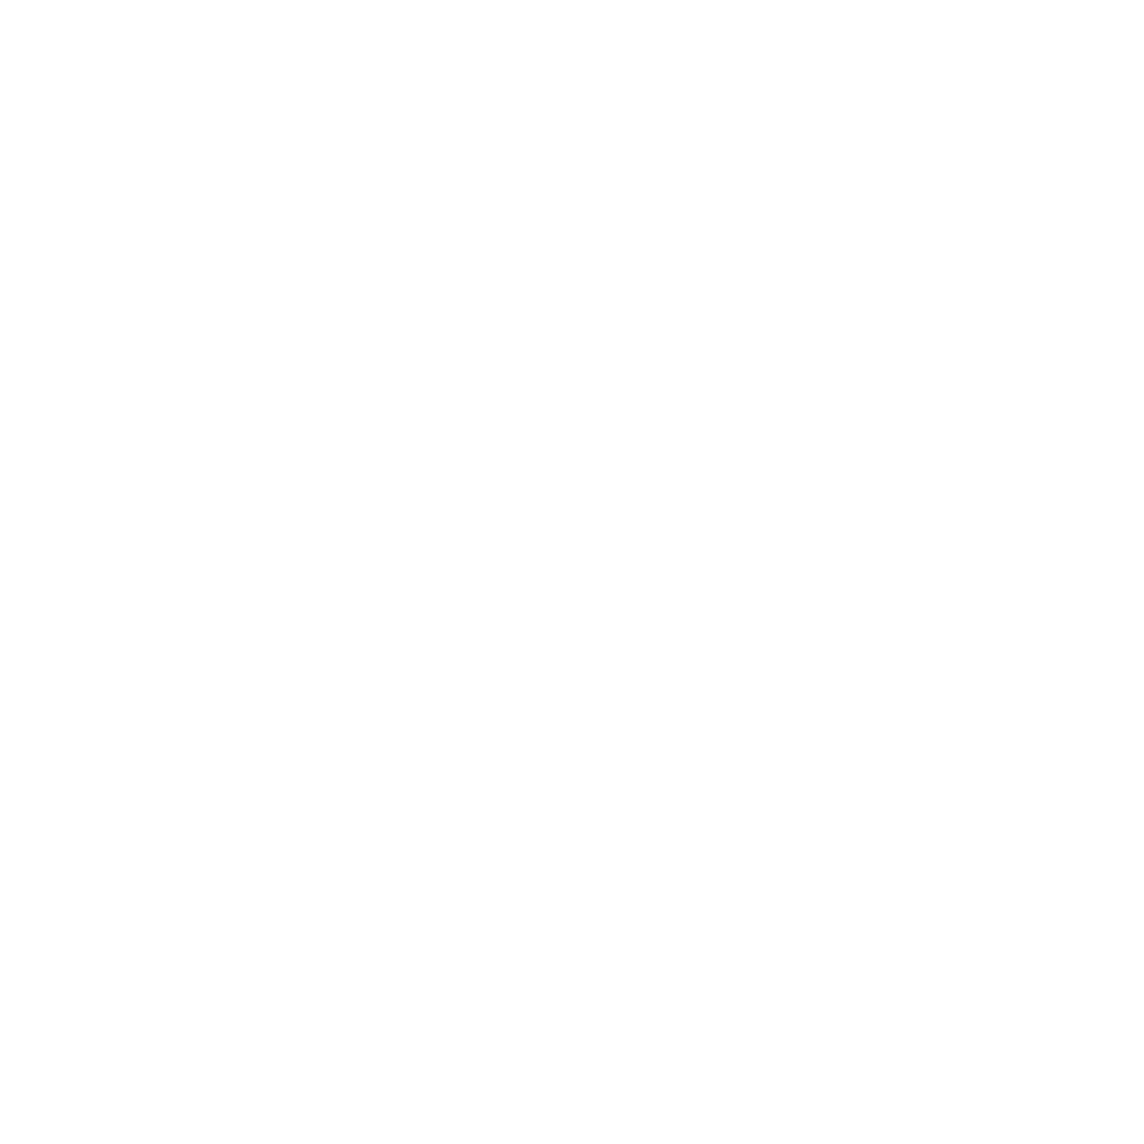 Median age of 35